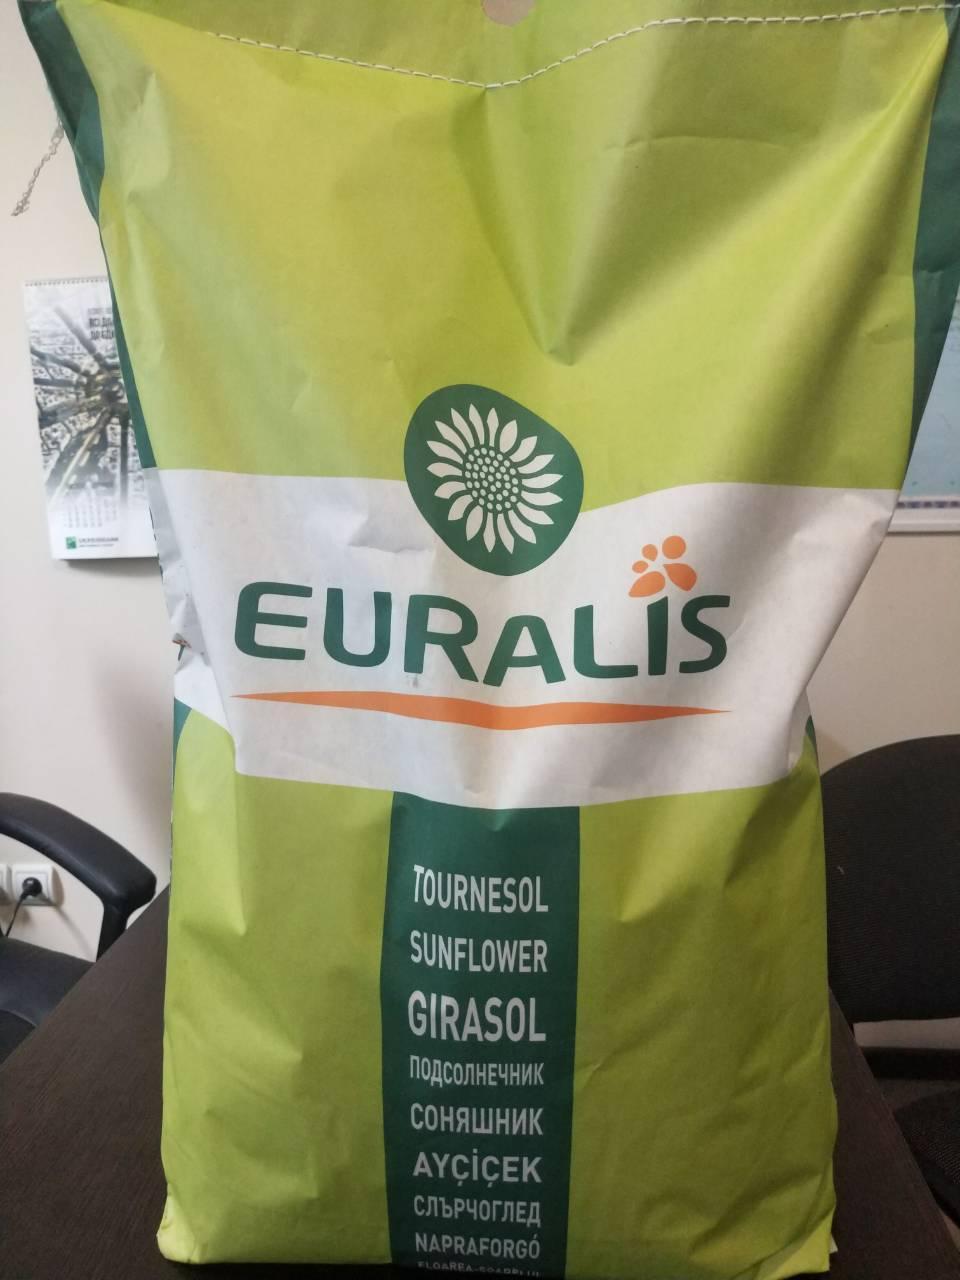 Euralis Евралис ЕС Регата Классический